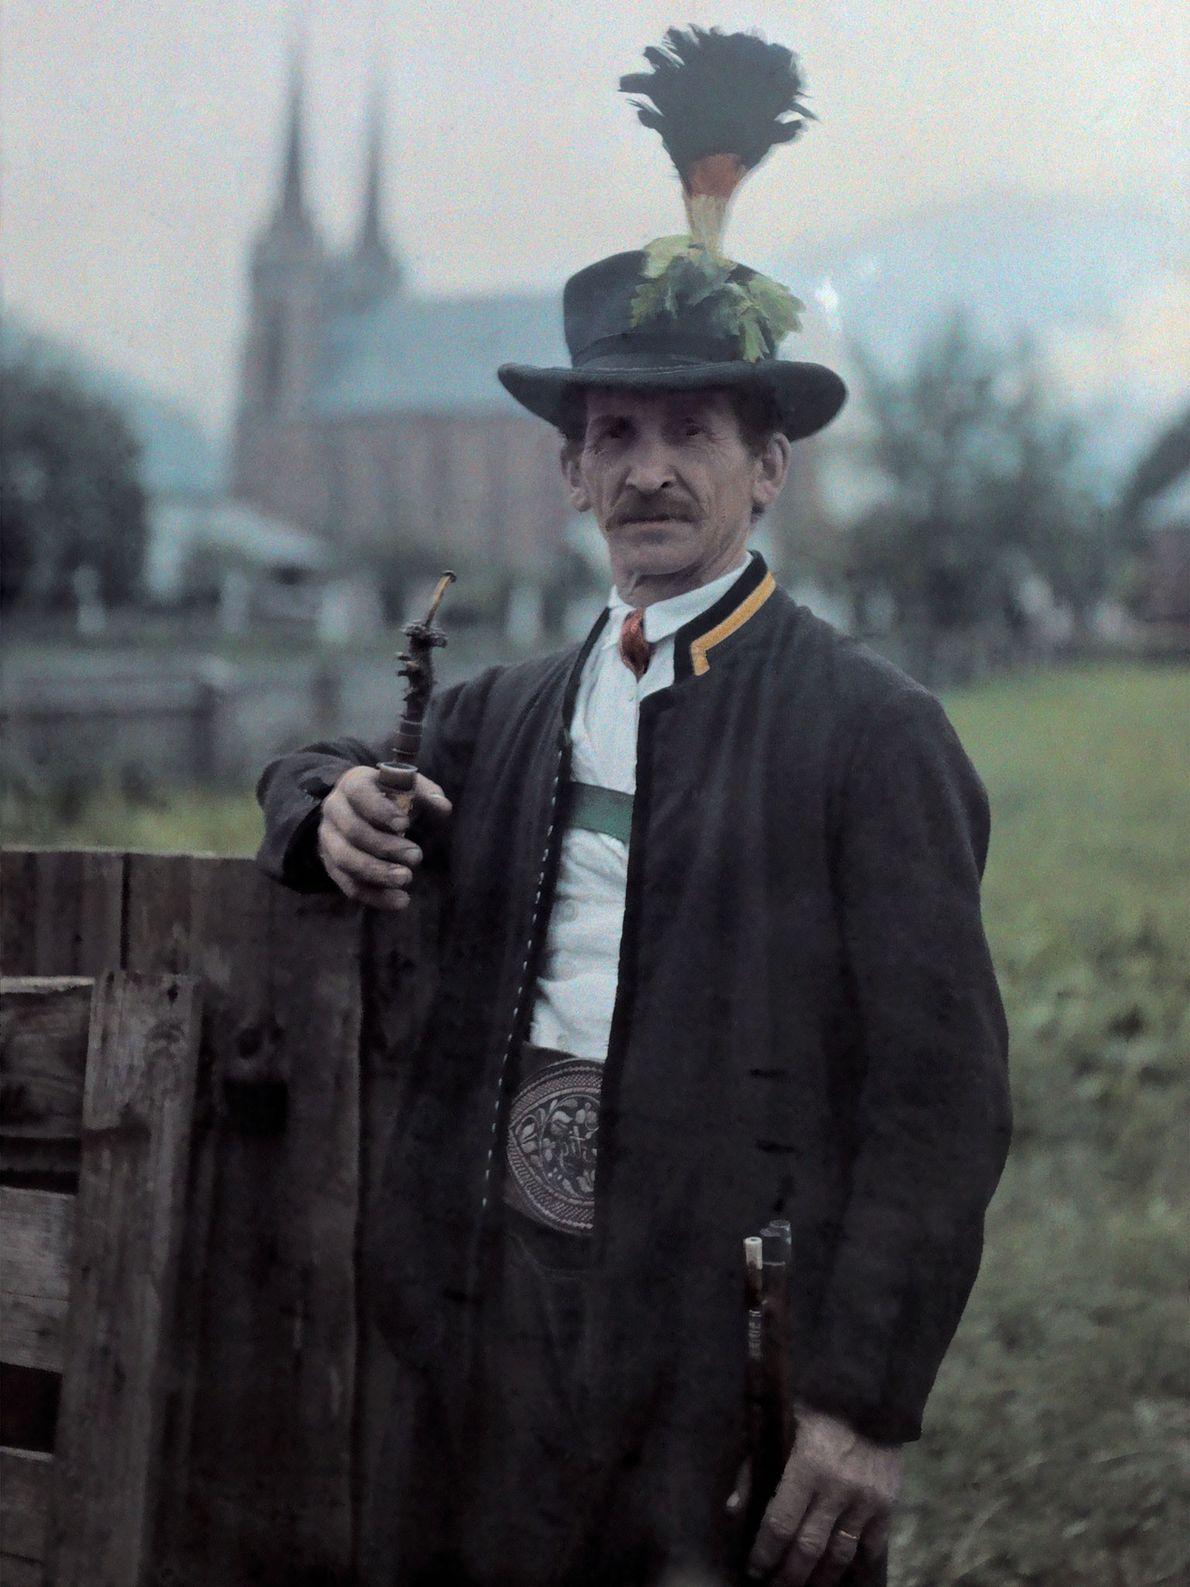 Ein österreichischer Mann in einer Wachuniform posiert mit seiner Pfeife.